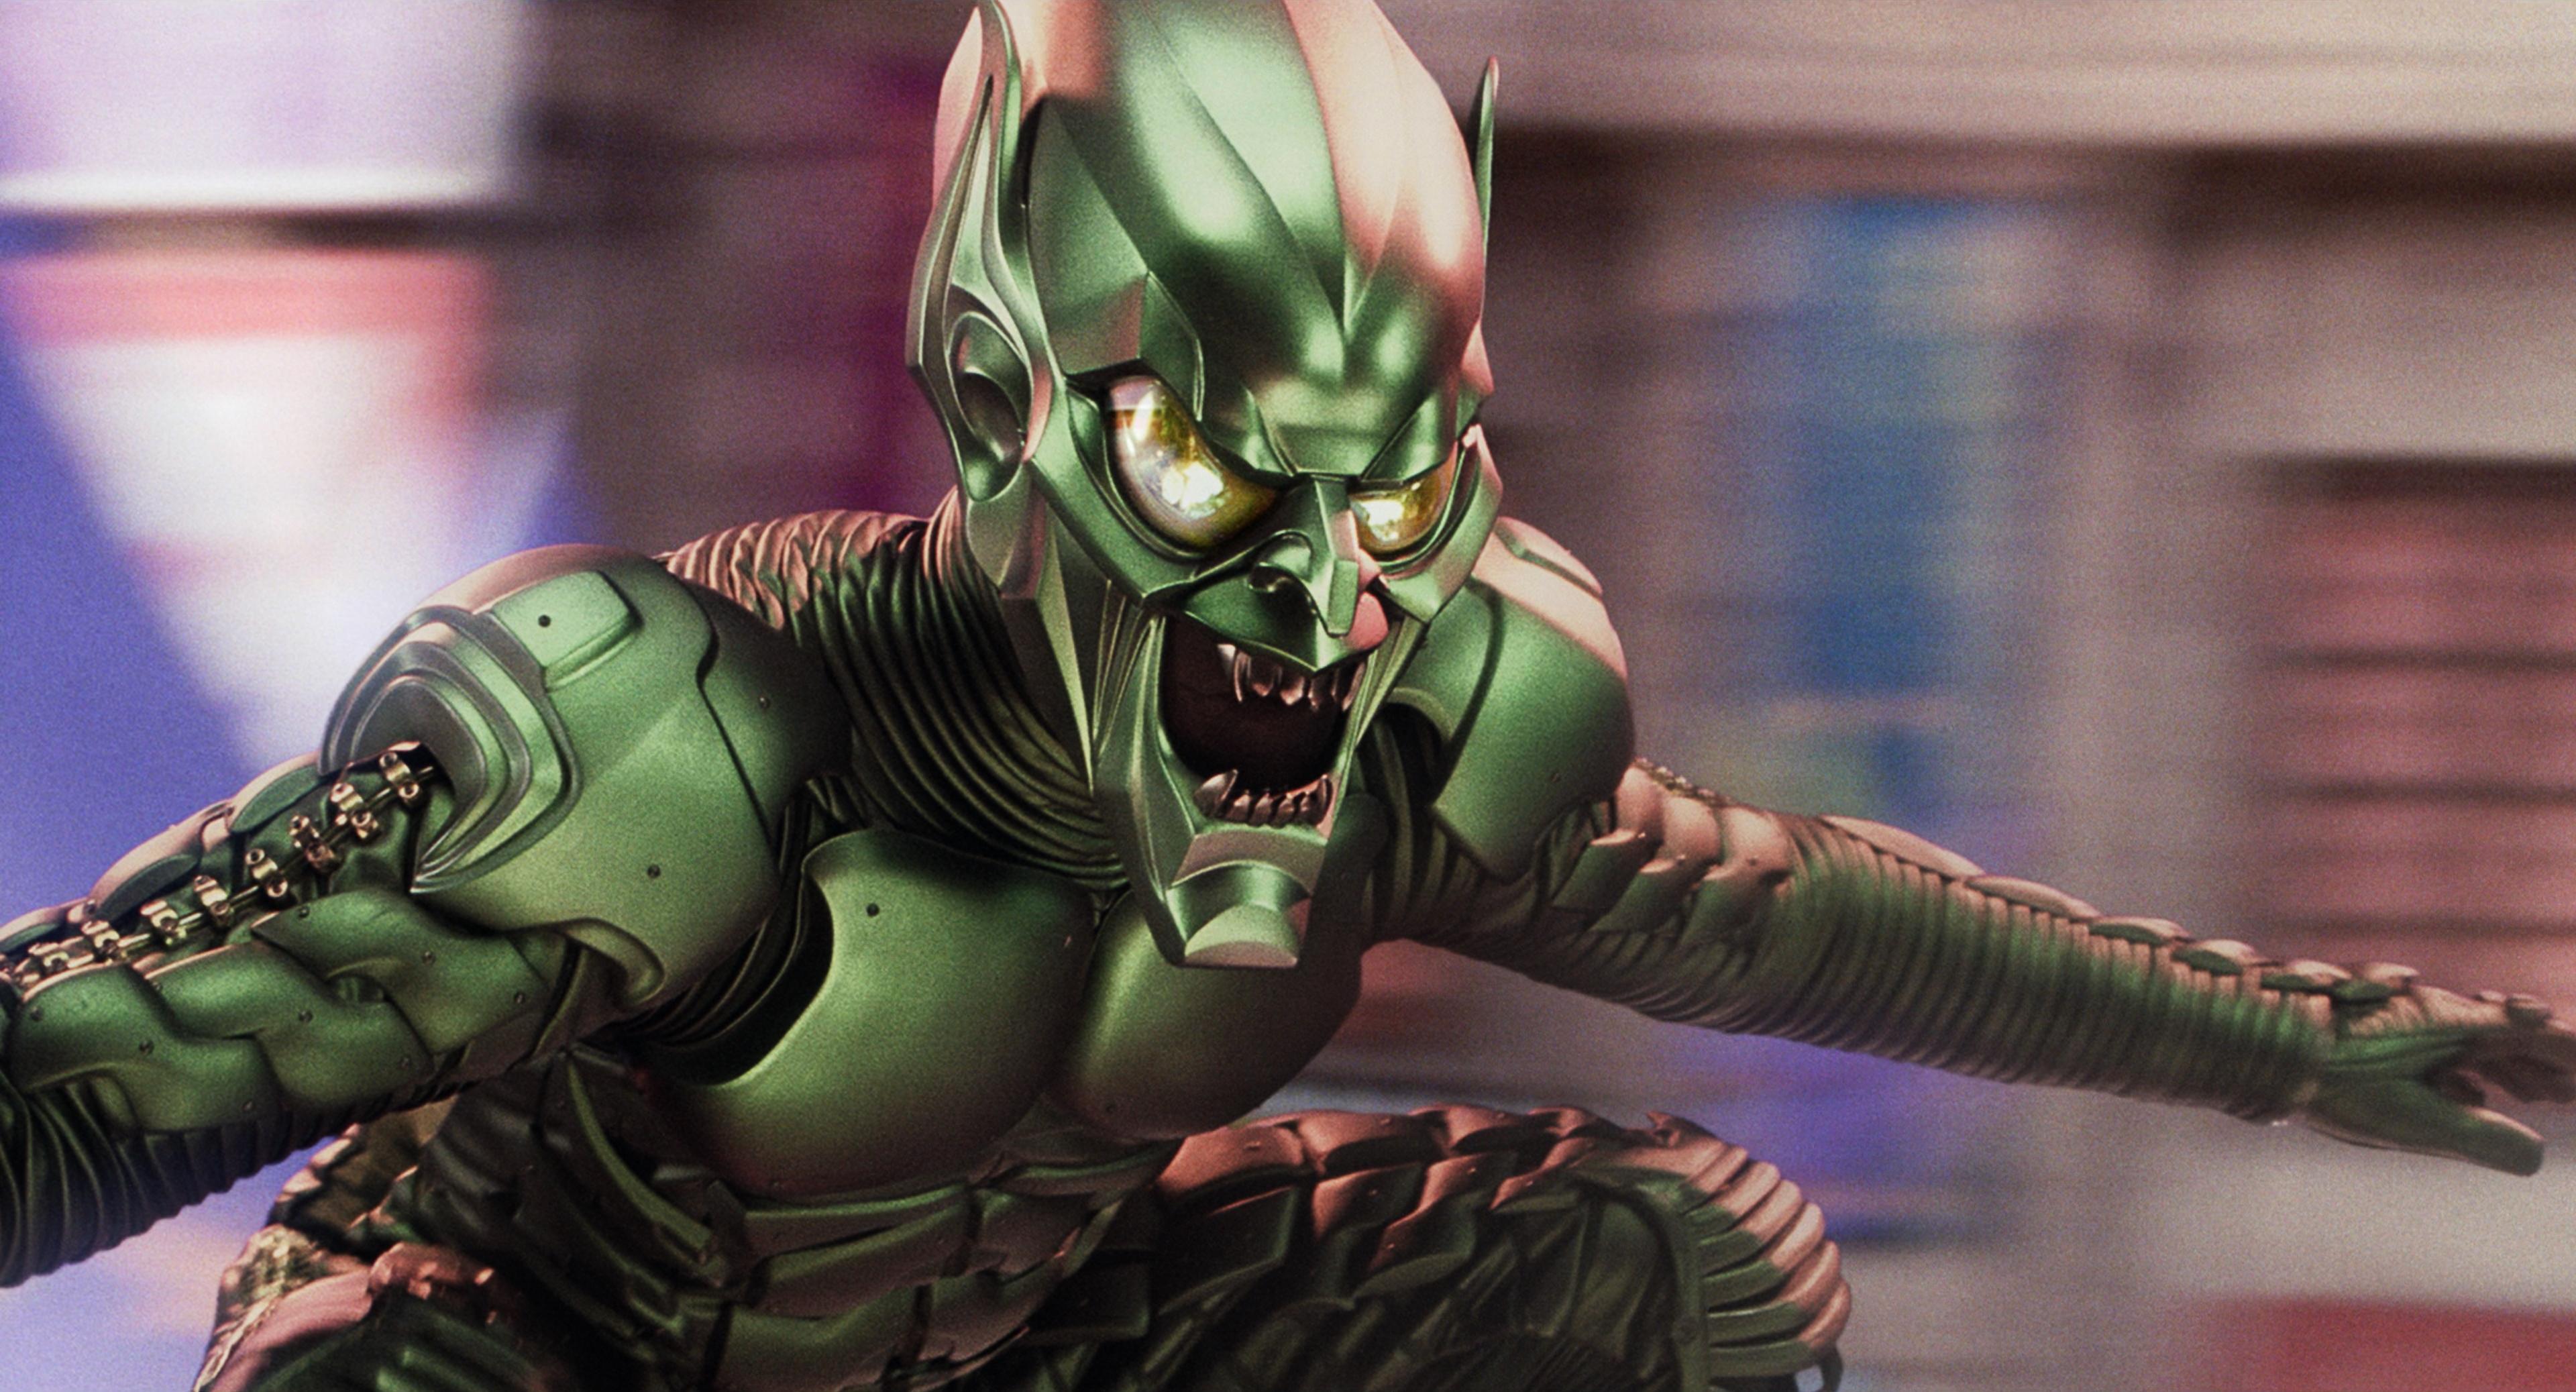 File:Spider-man-2002-2.jpg